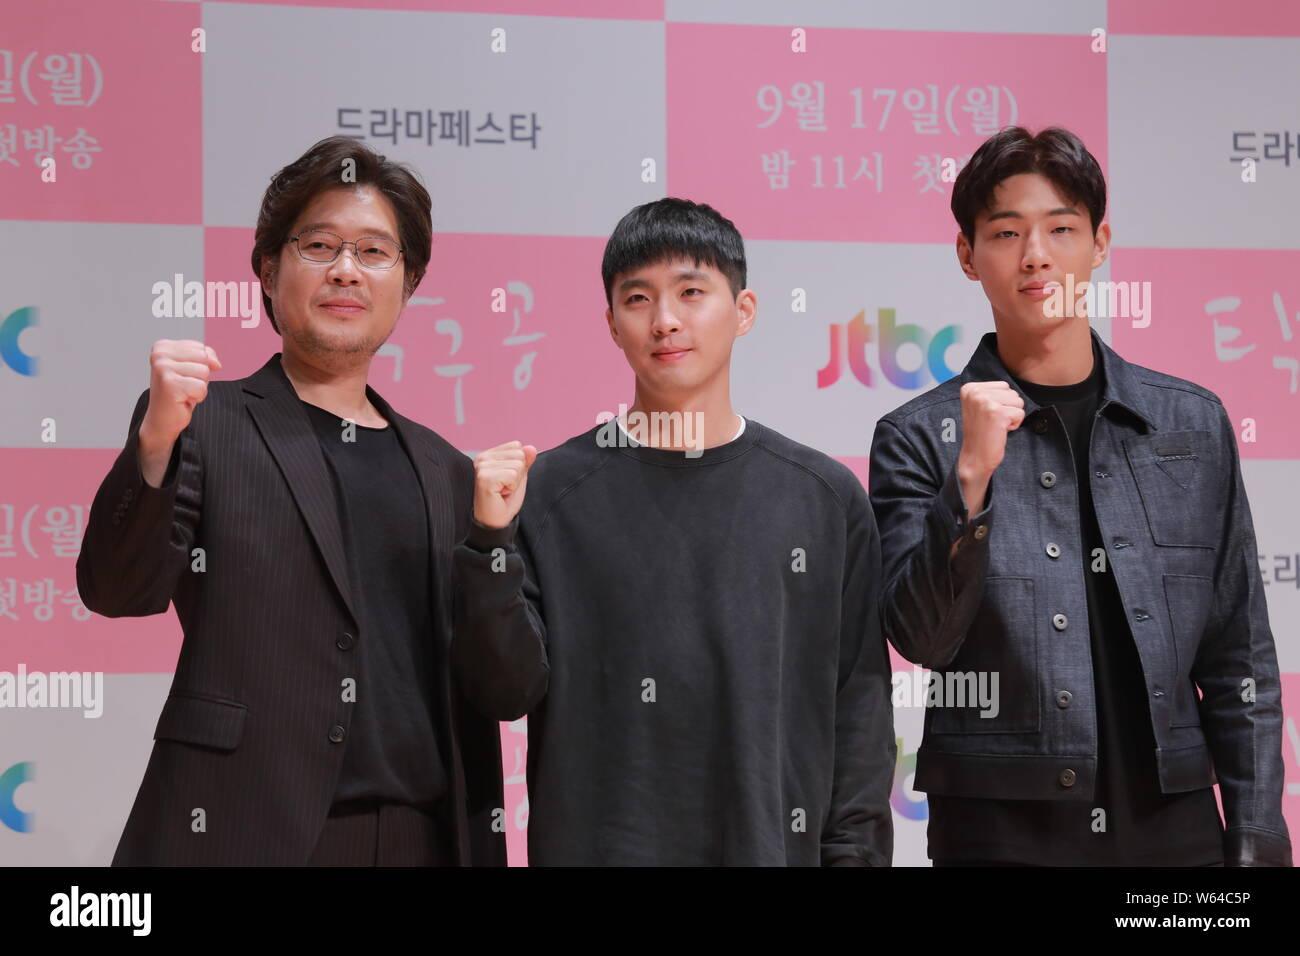 South Korean actor Yoo Jae-myung, left, and Ji Soo, right